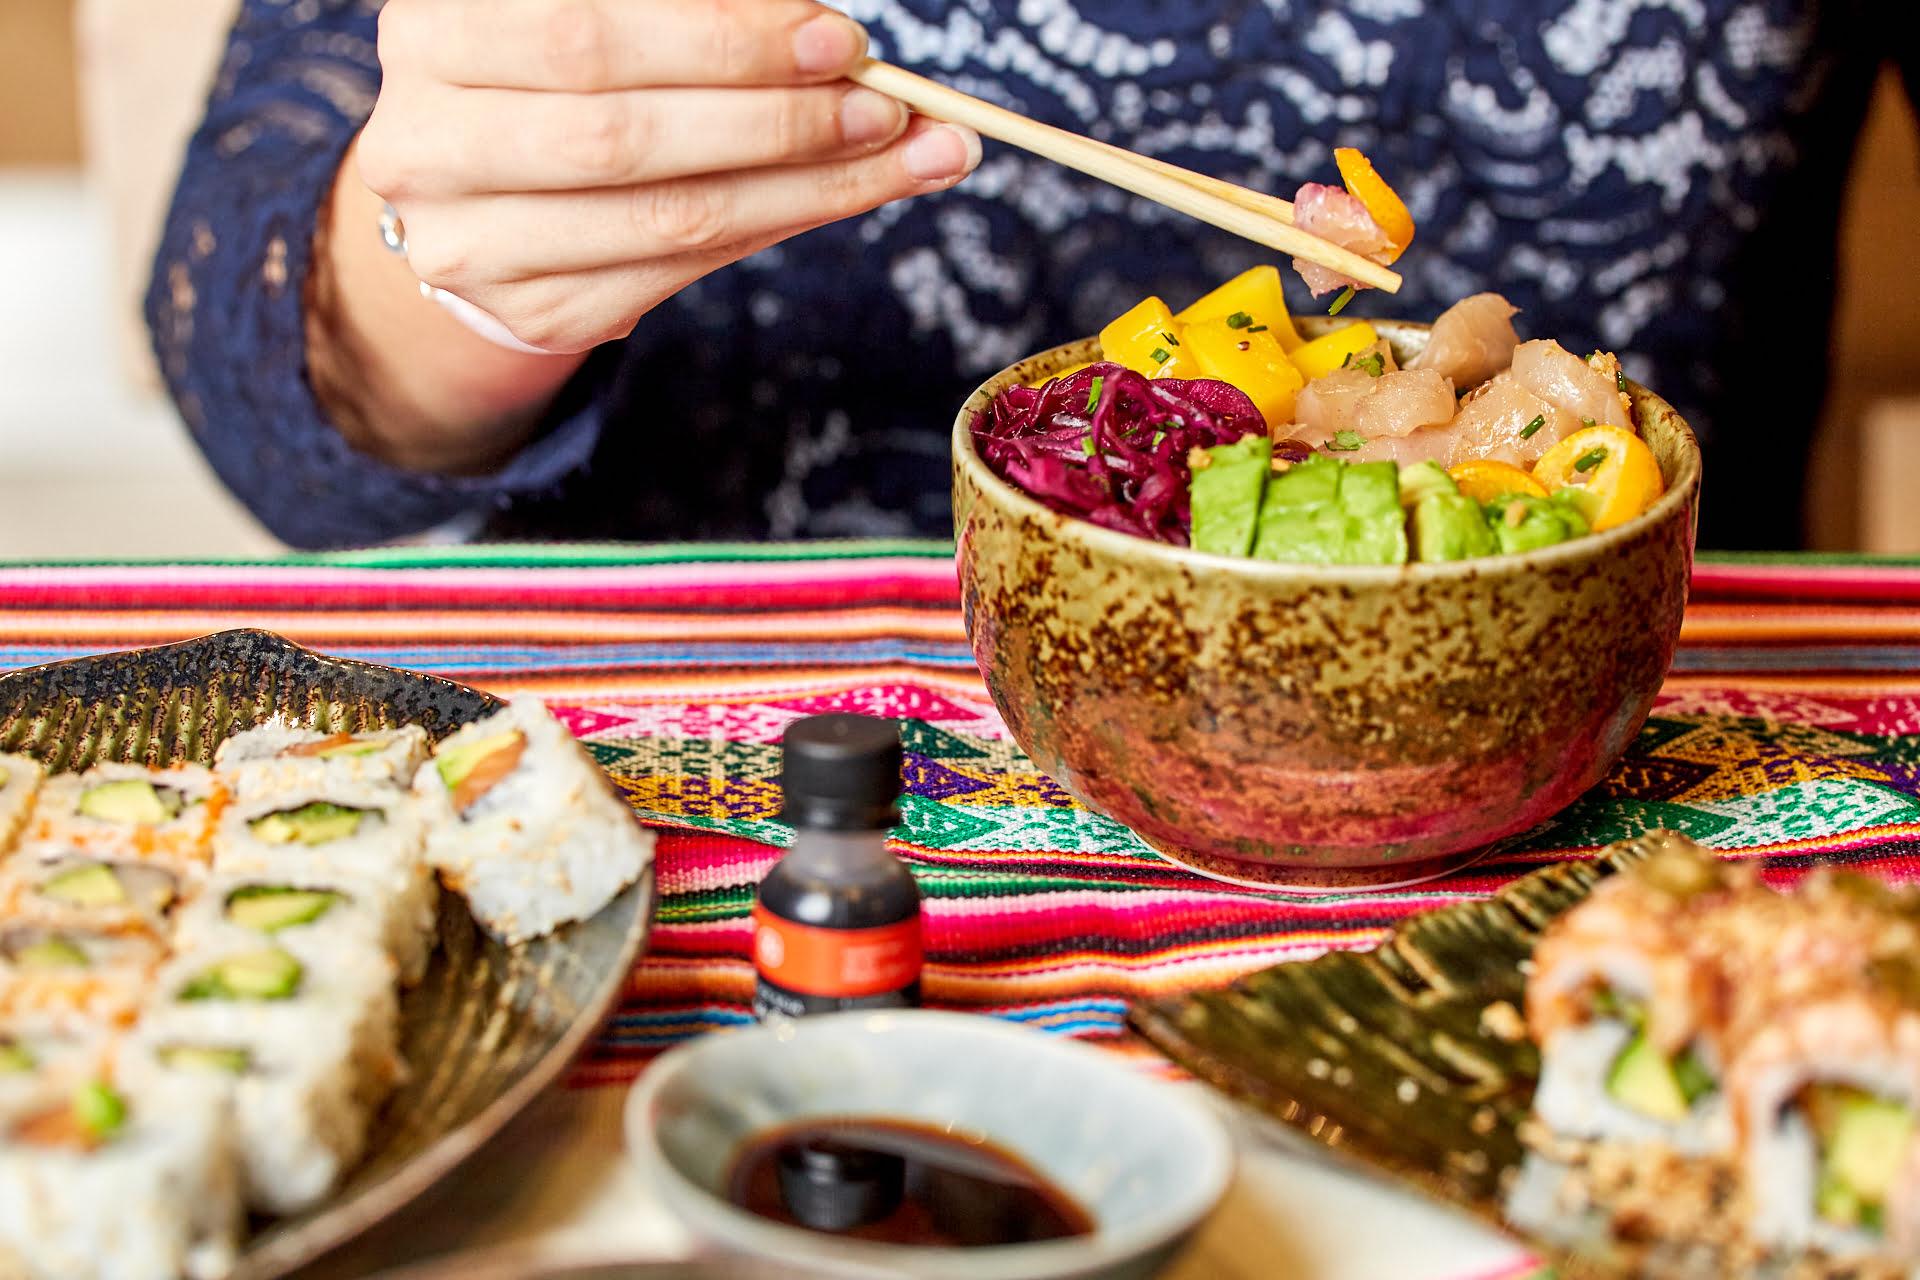 Côté Sushi présente sa sélection estivale savoureuse et pleine de fraîcheur